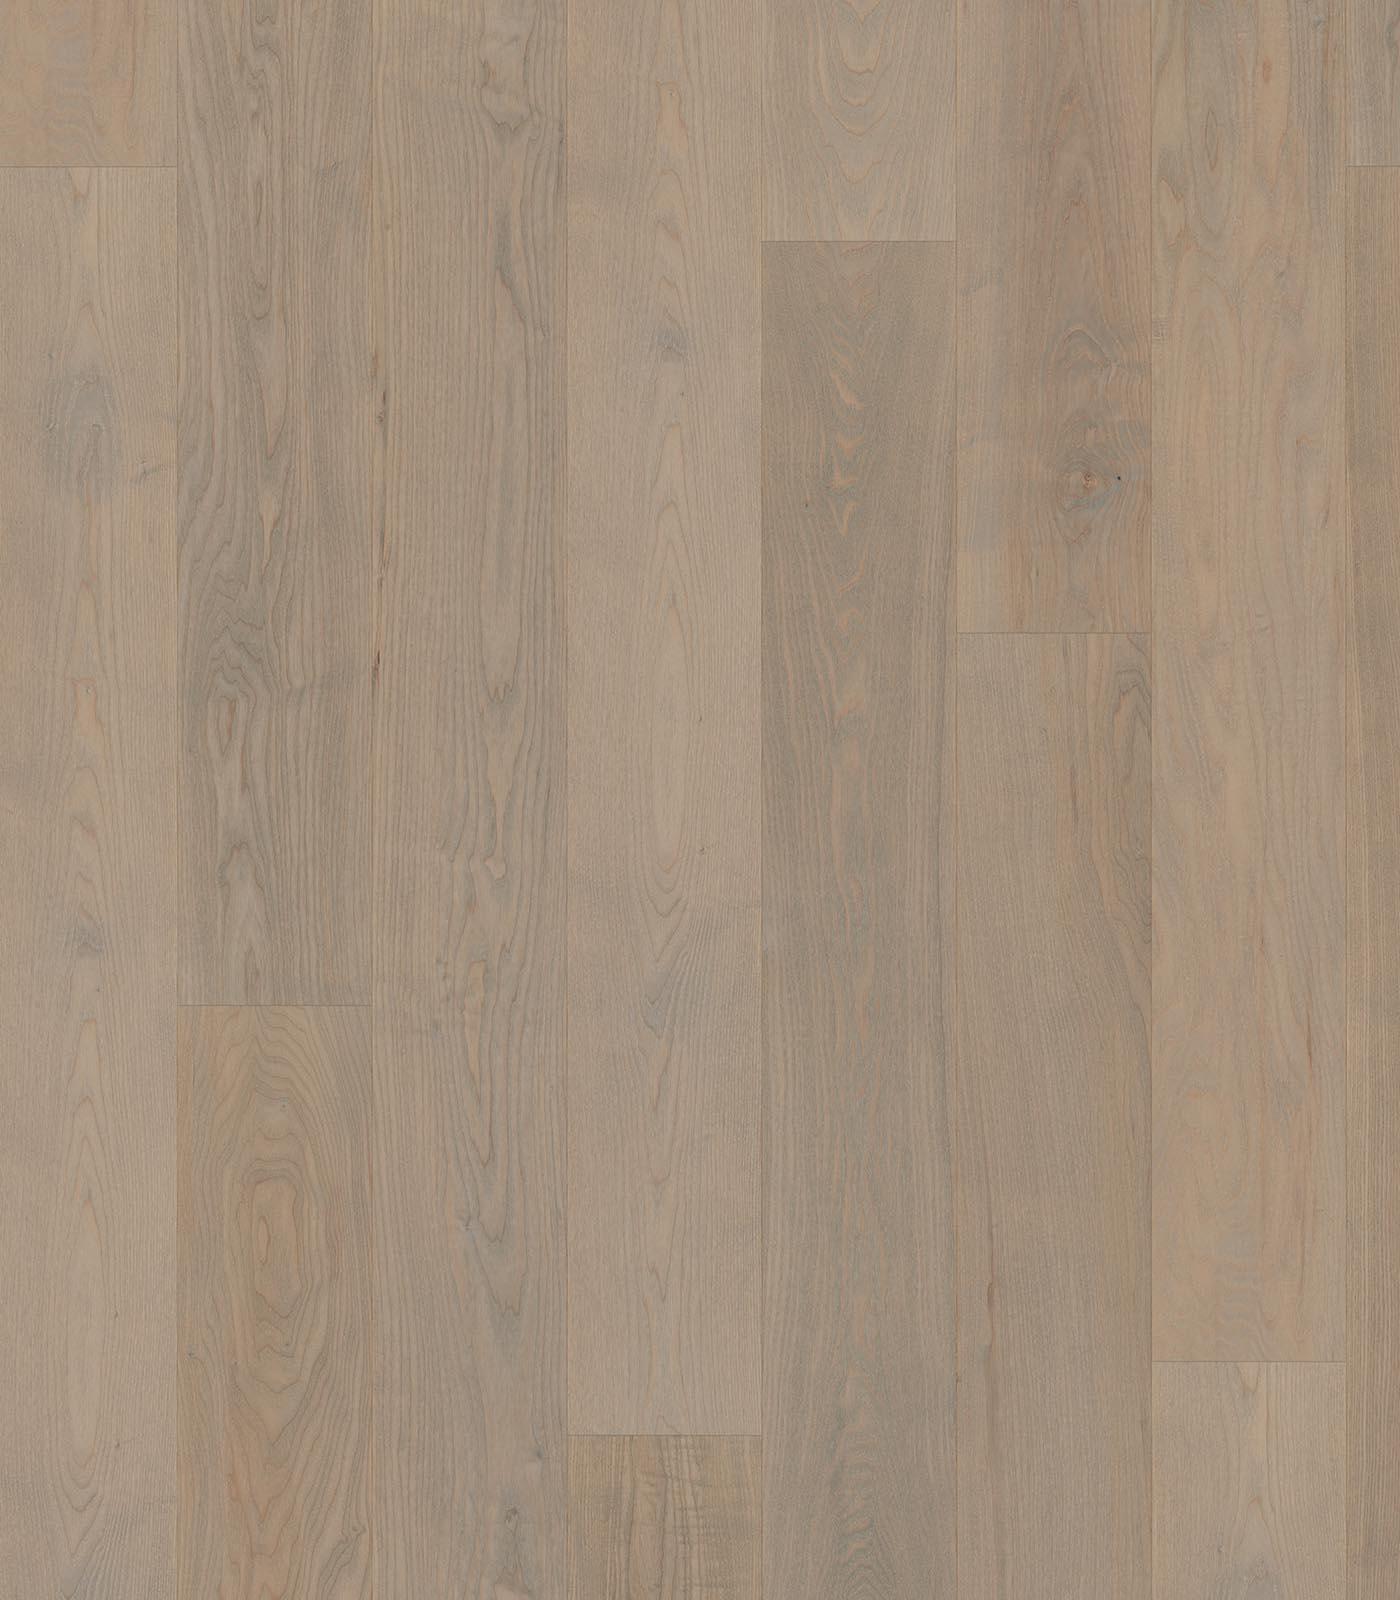 Paris-After Oak Collection-European Ash floors - flat